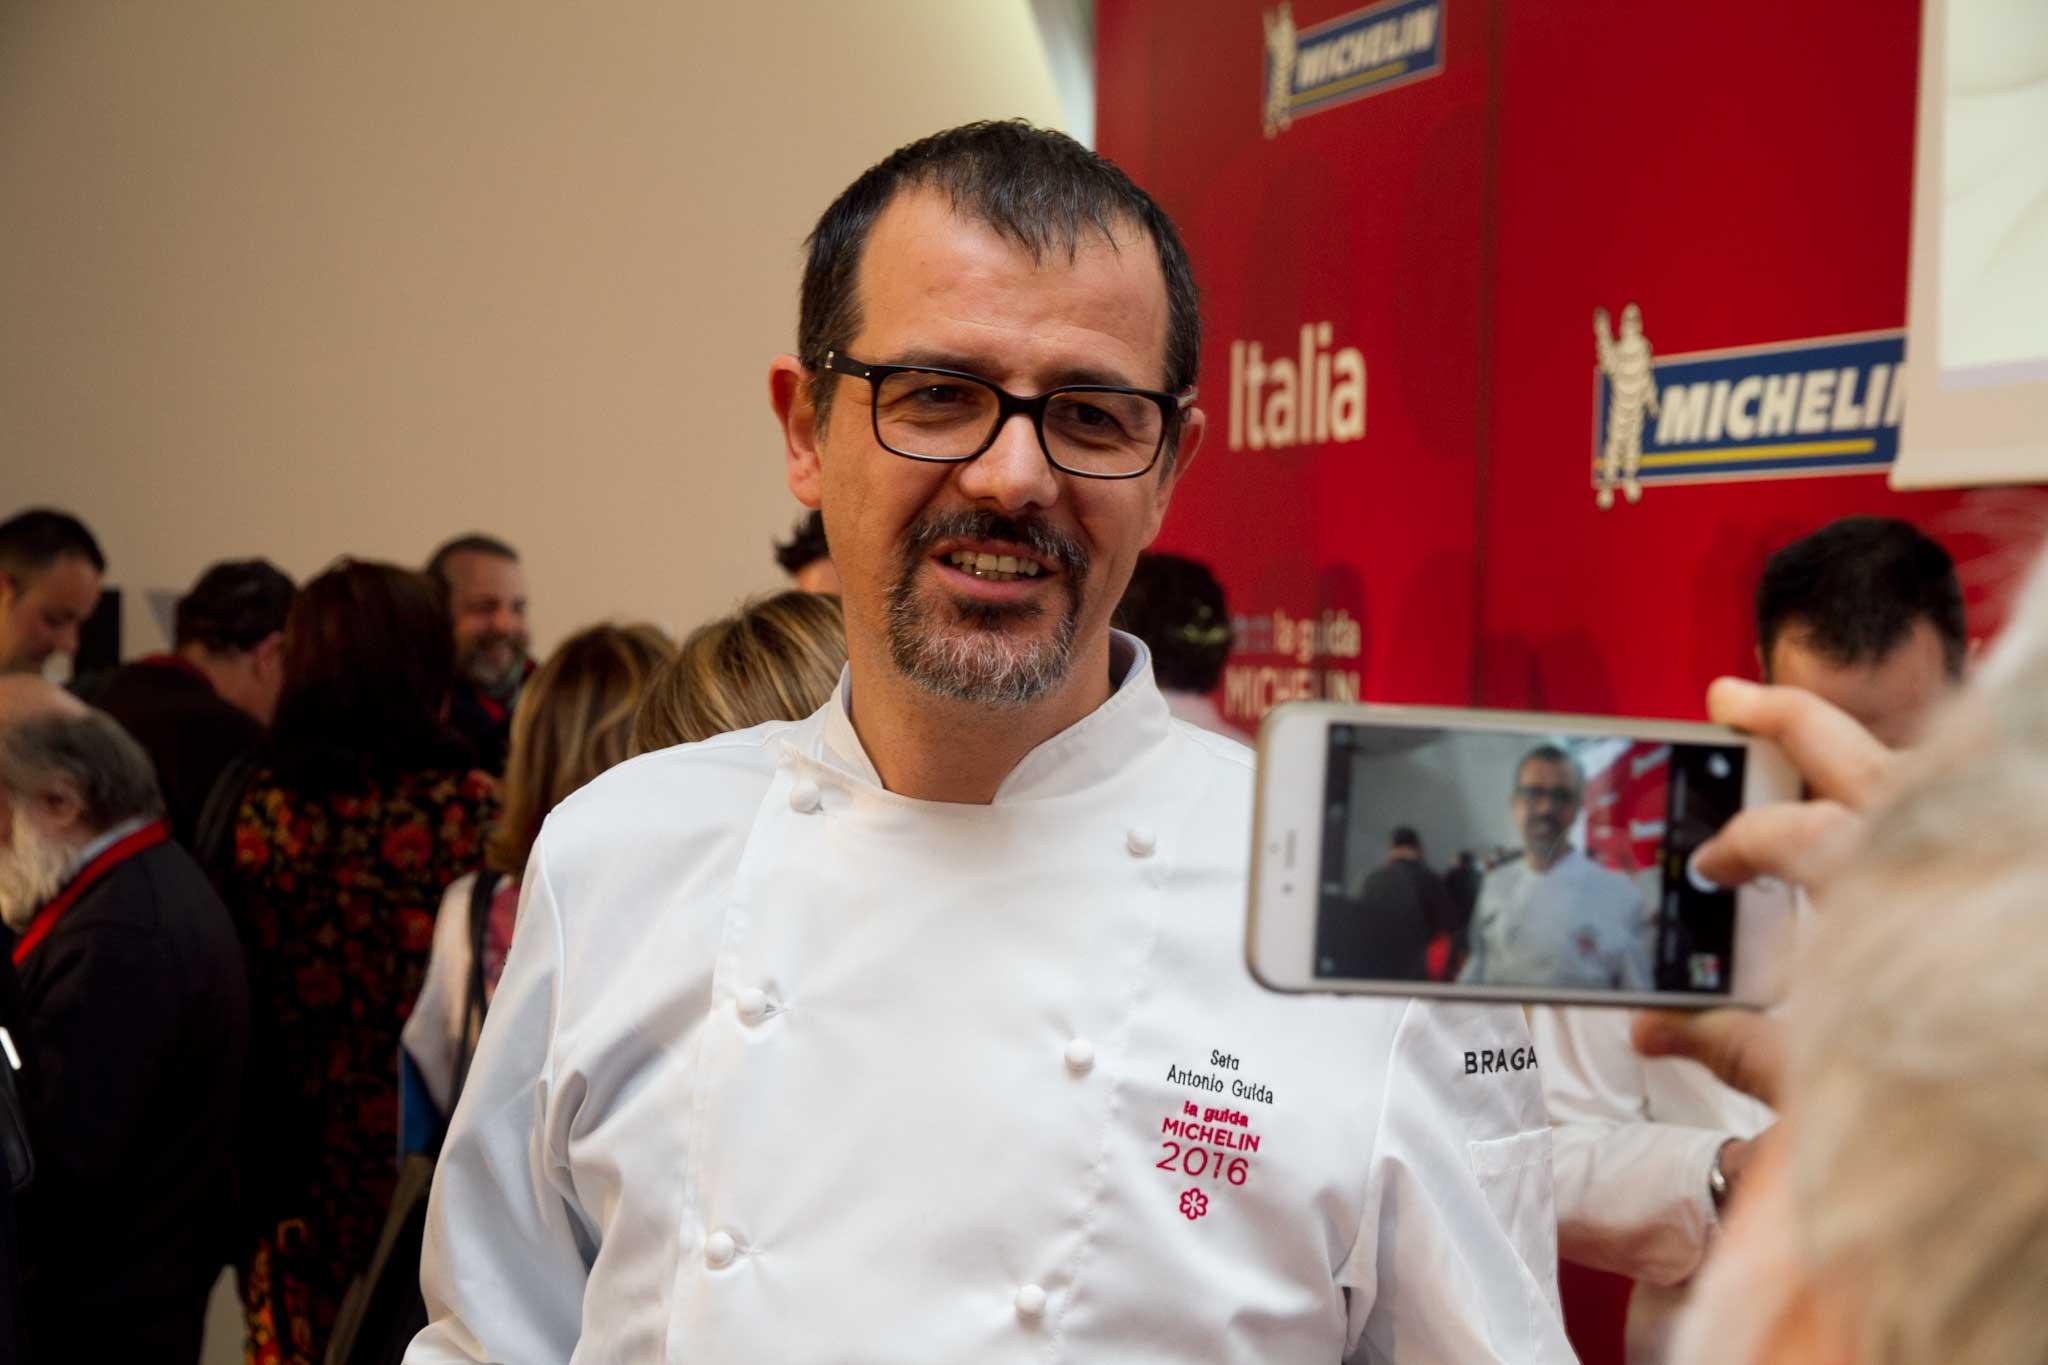 Antonio Guida